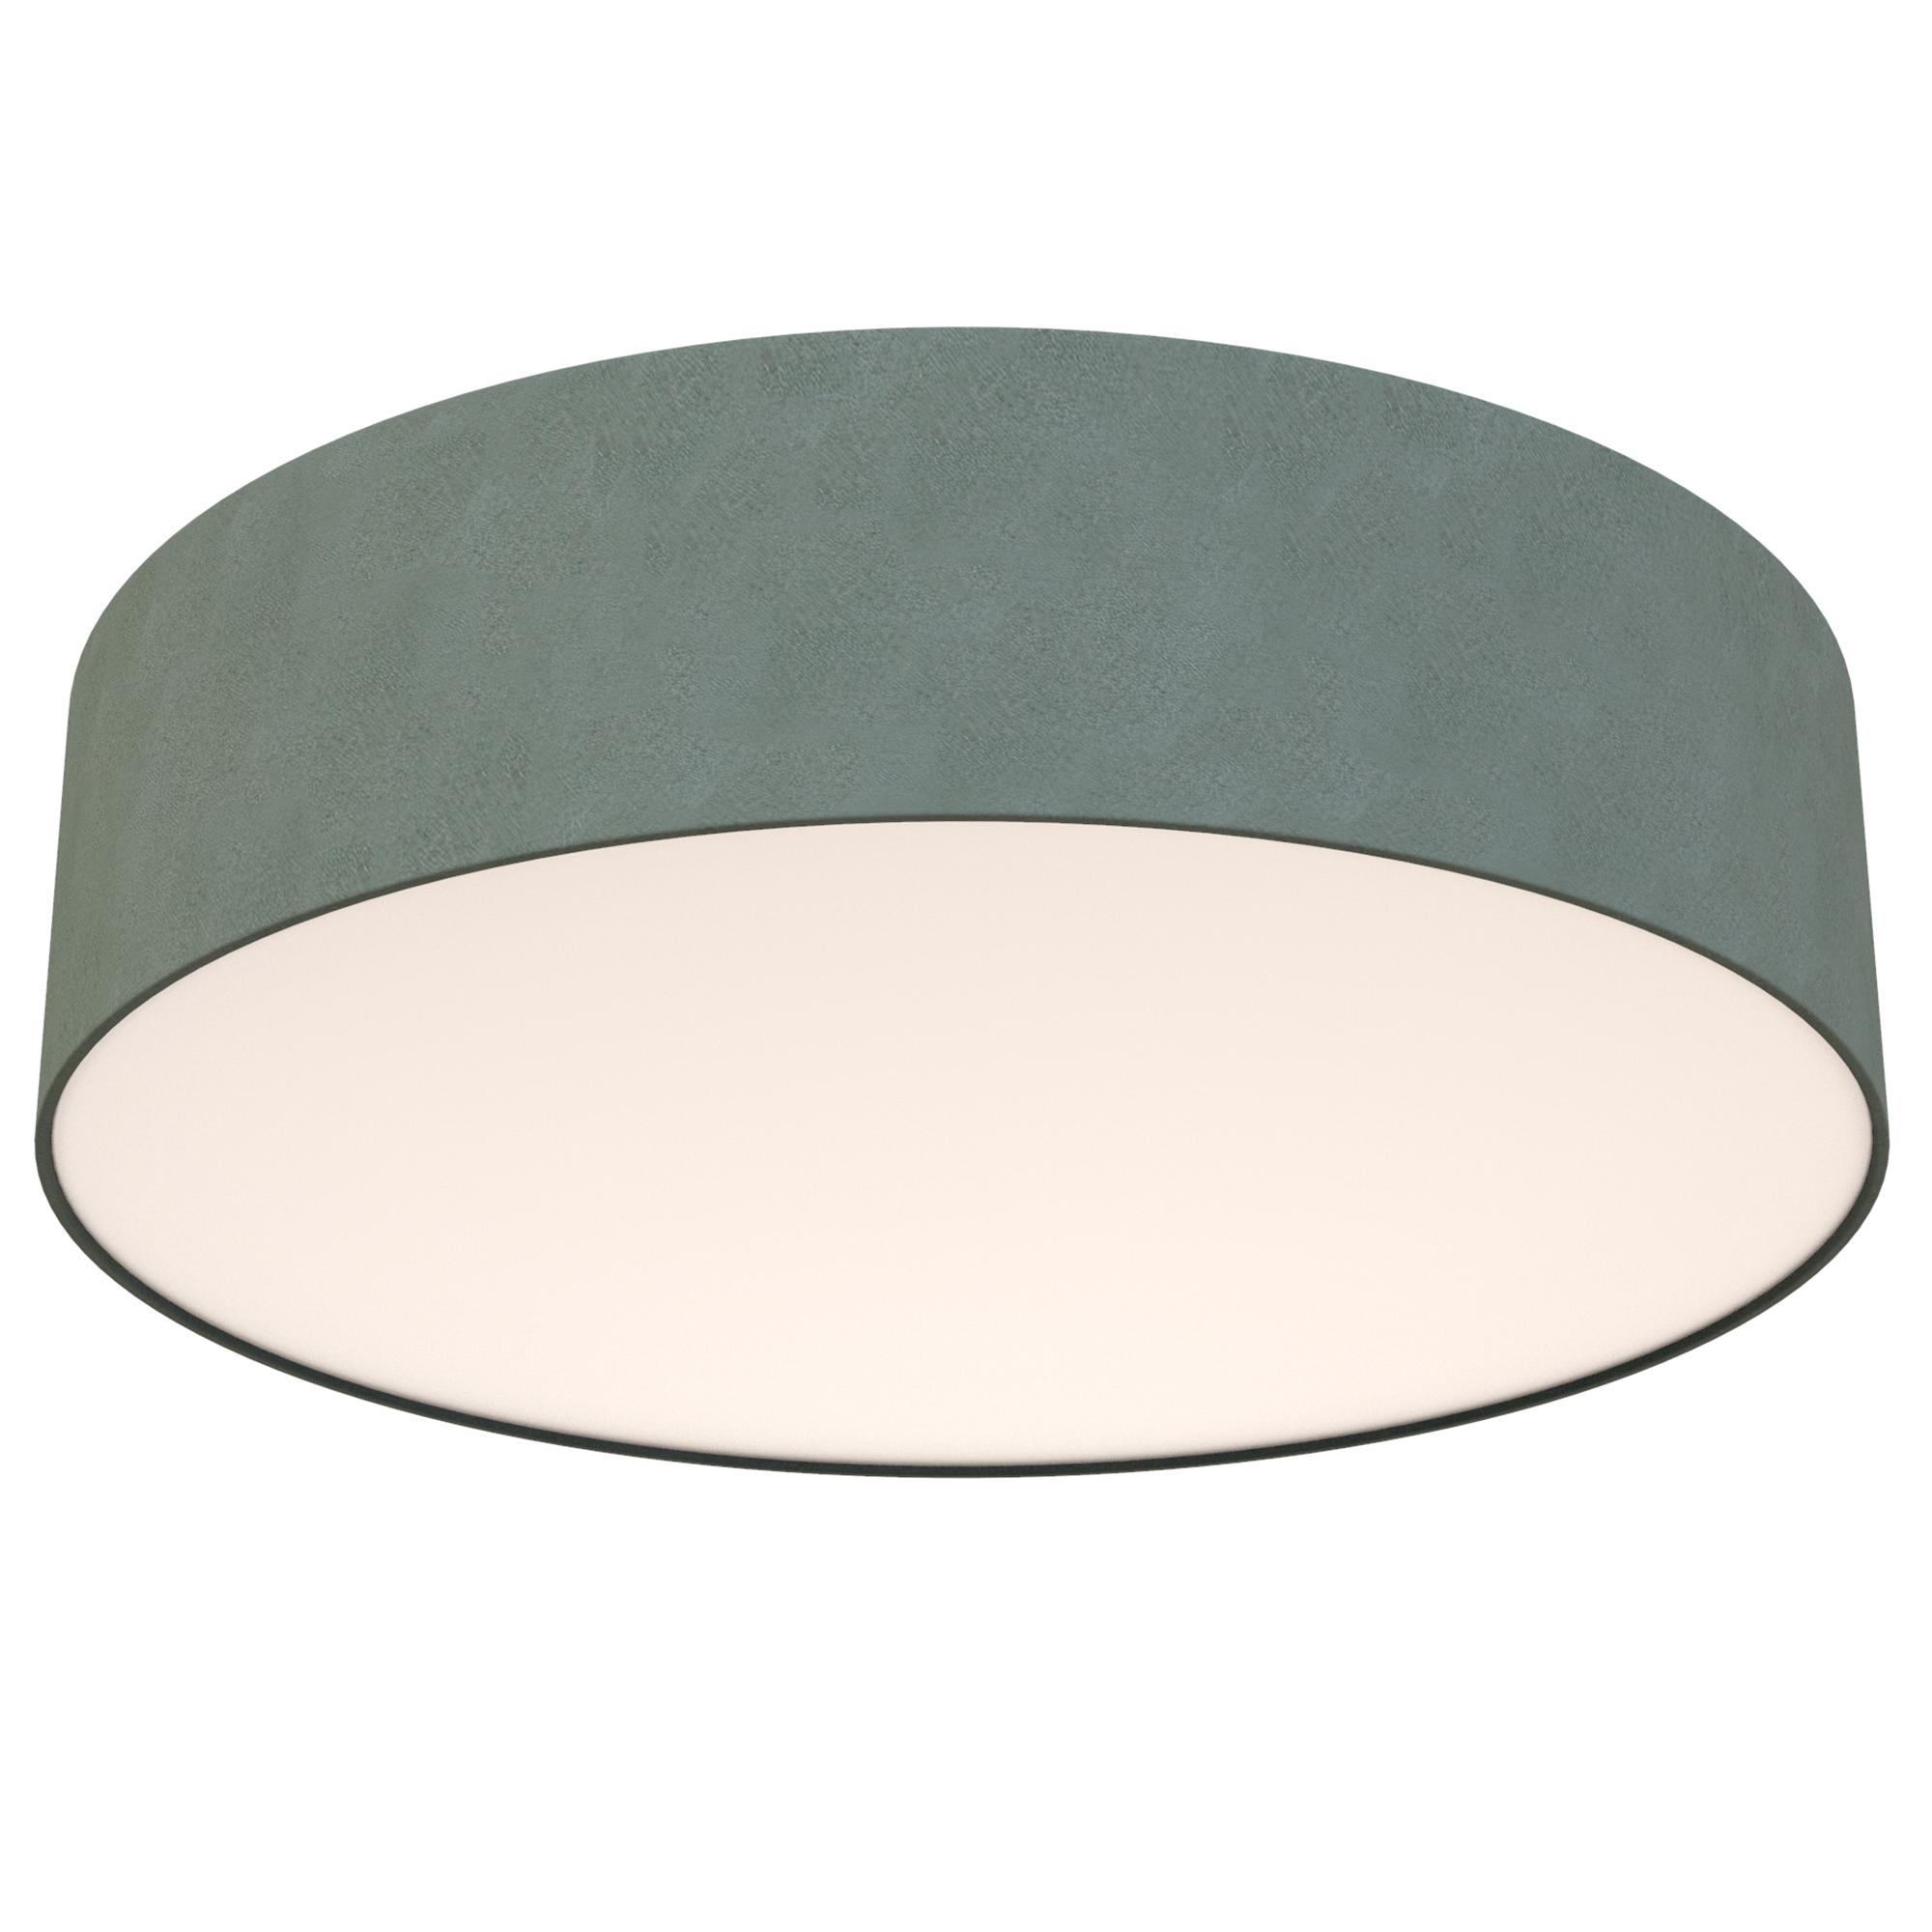 LED Deckenleuchte, Ø 45 cm, 18 W, Grau